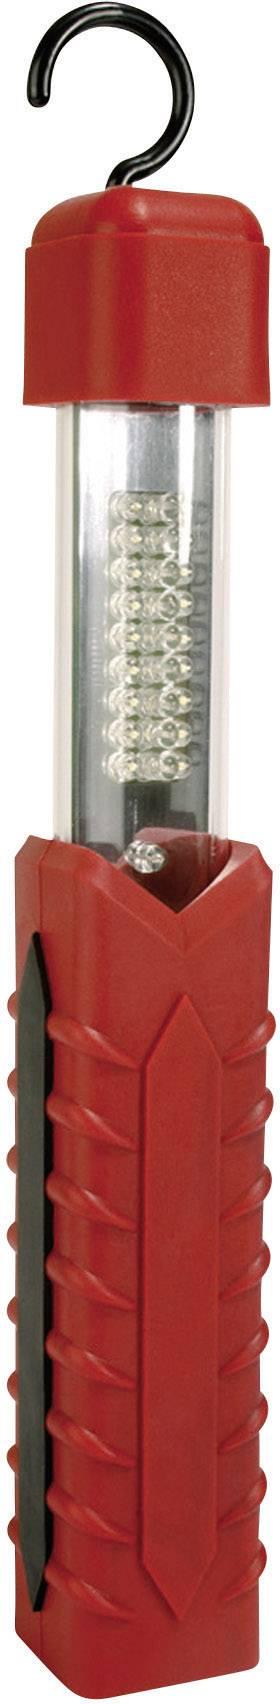 LED pracovné osvetlenie Testboy Light 500 Light 500, napájanie z akumulátora